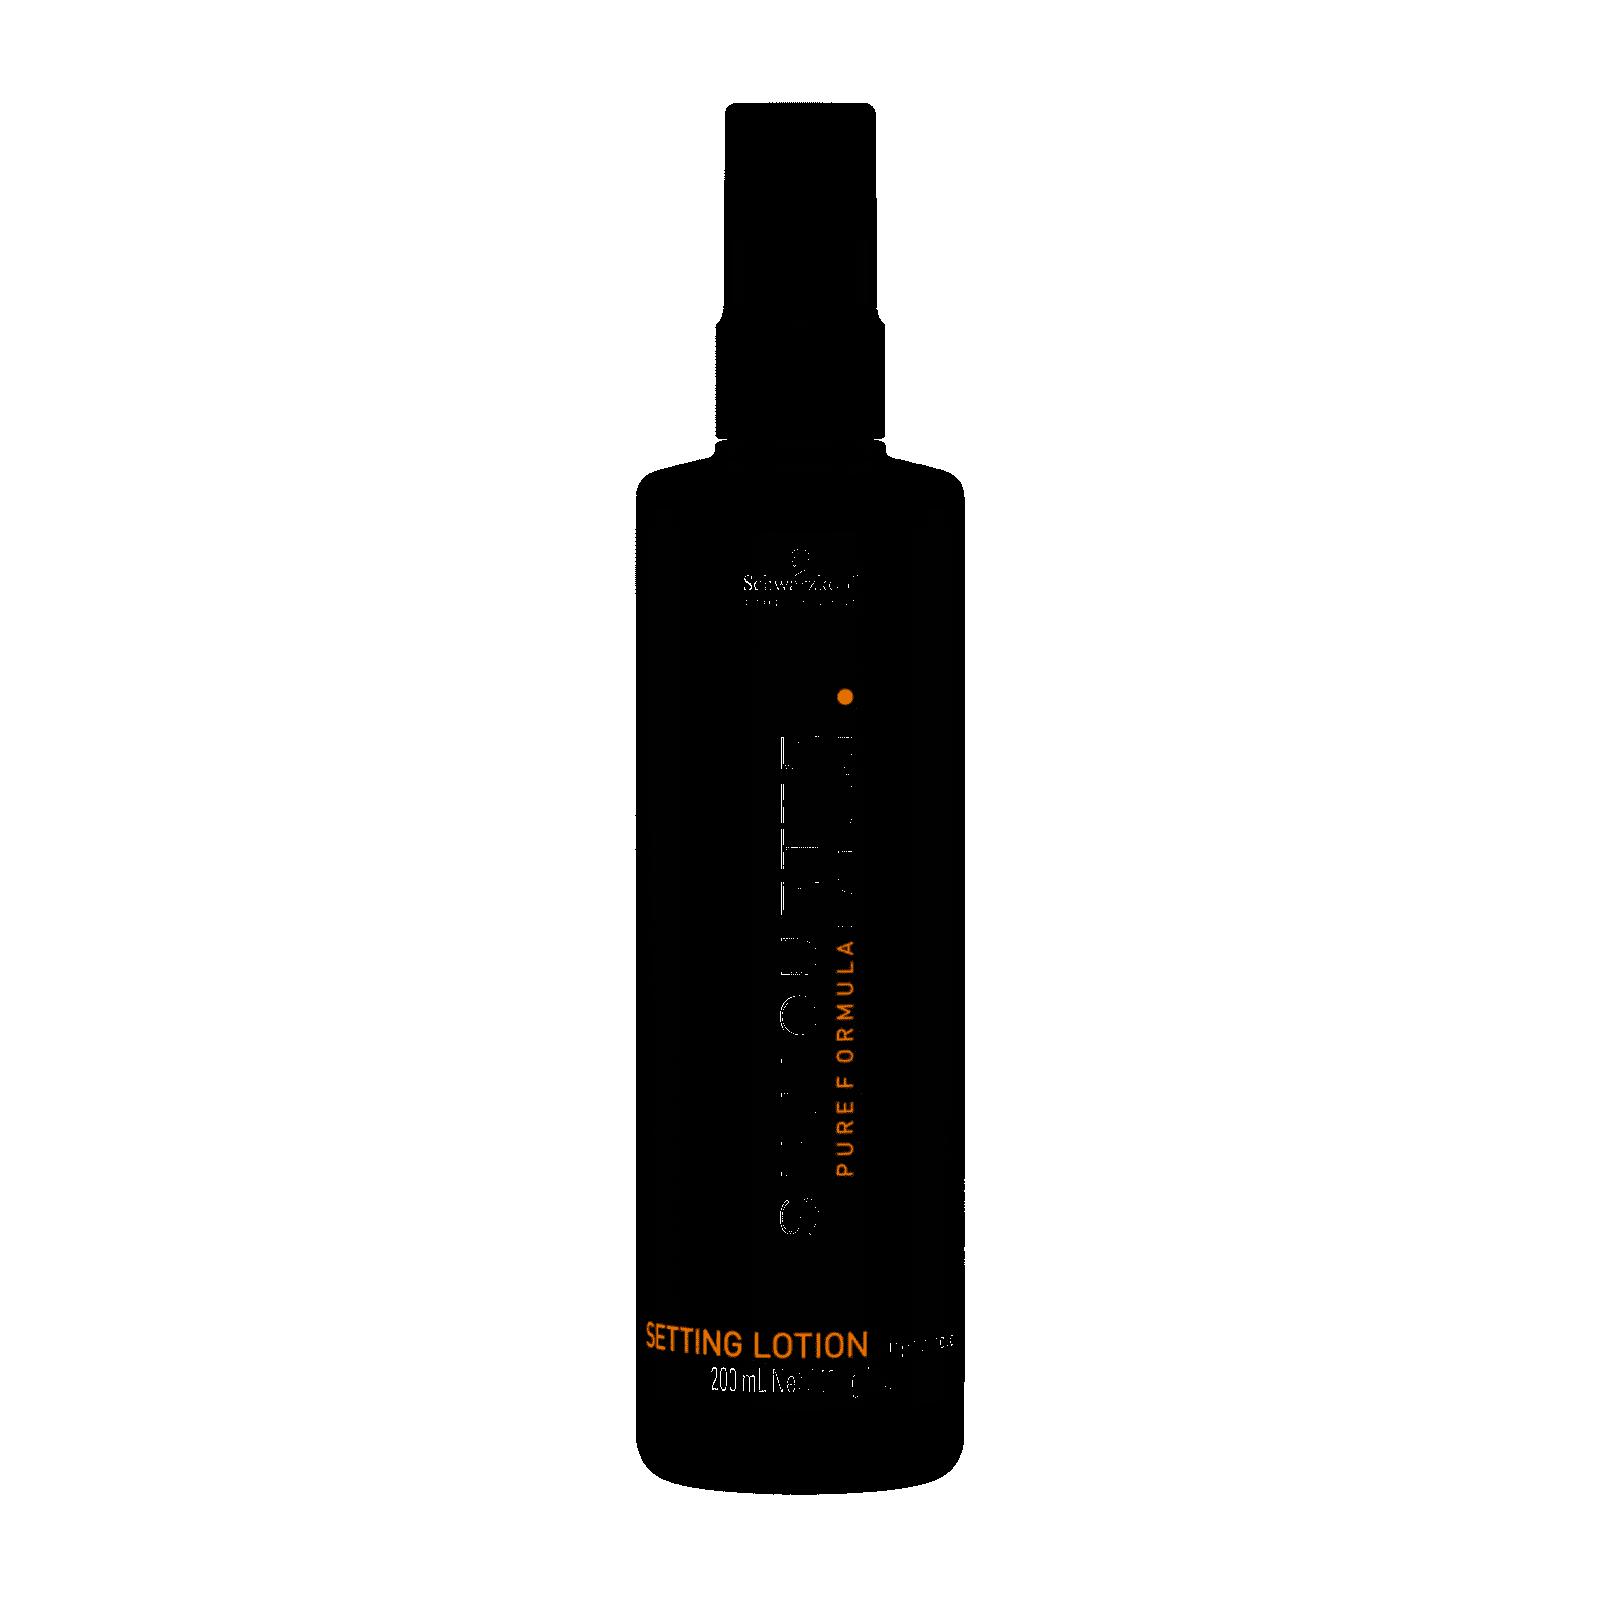 Schwarzkopf Silhouette Extra